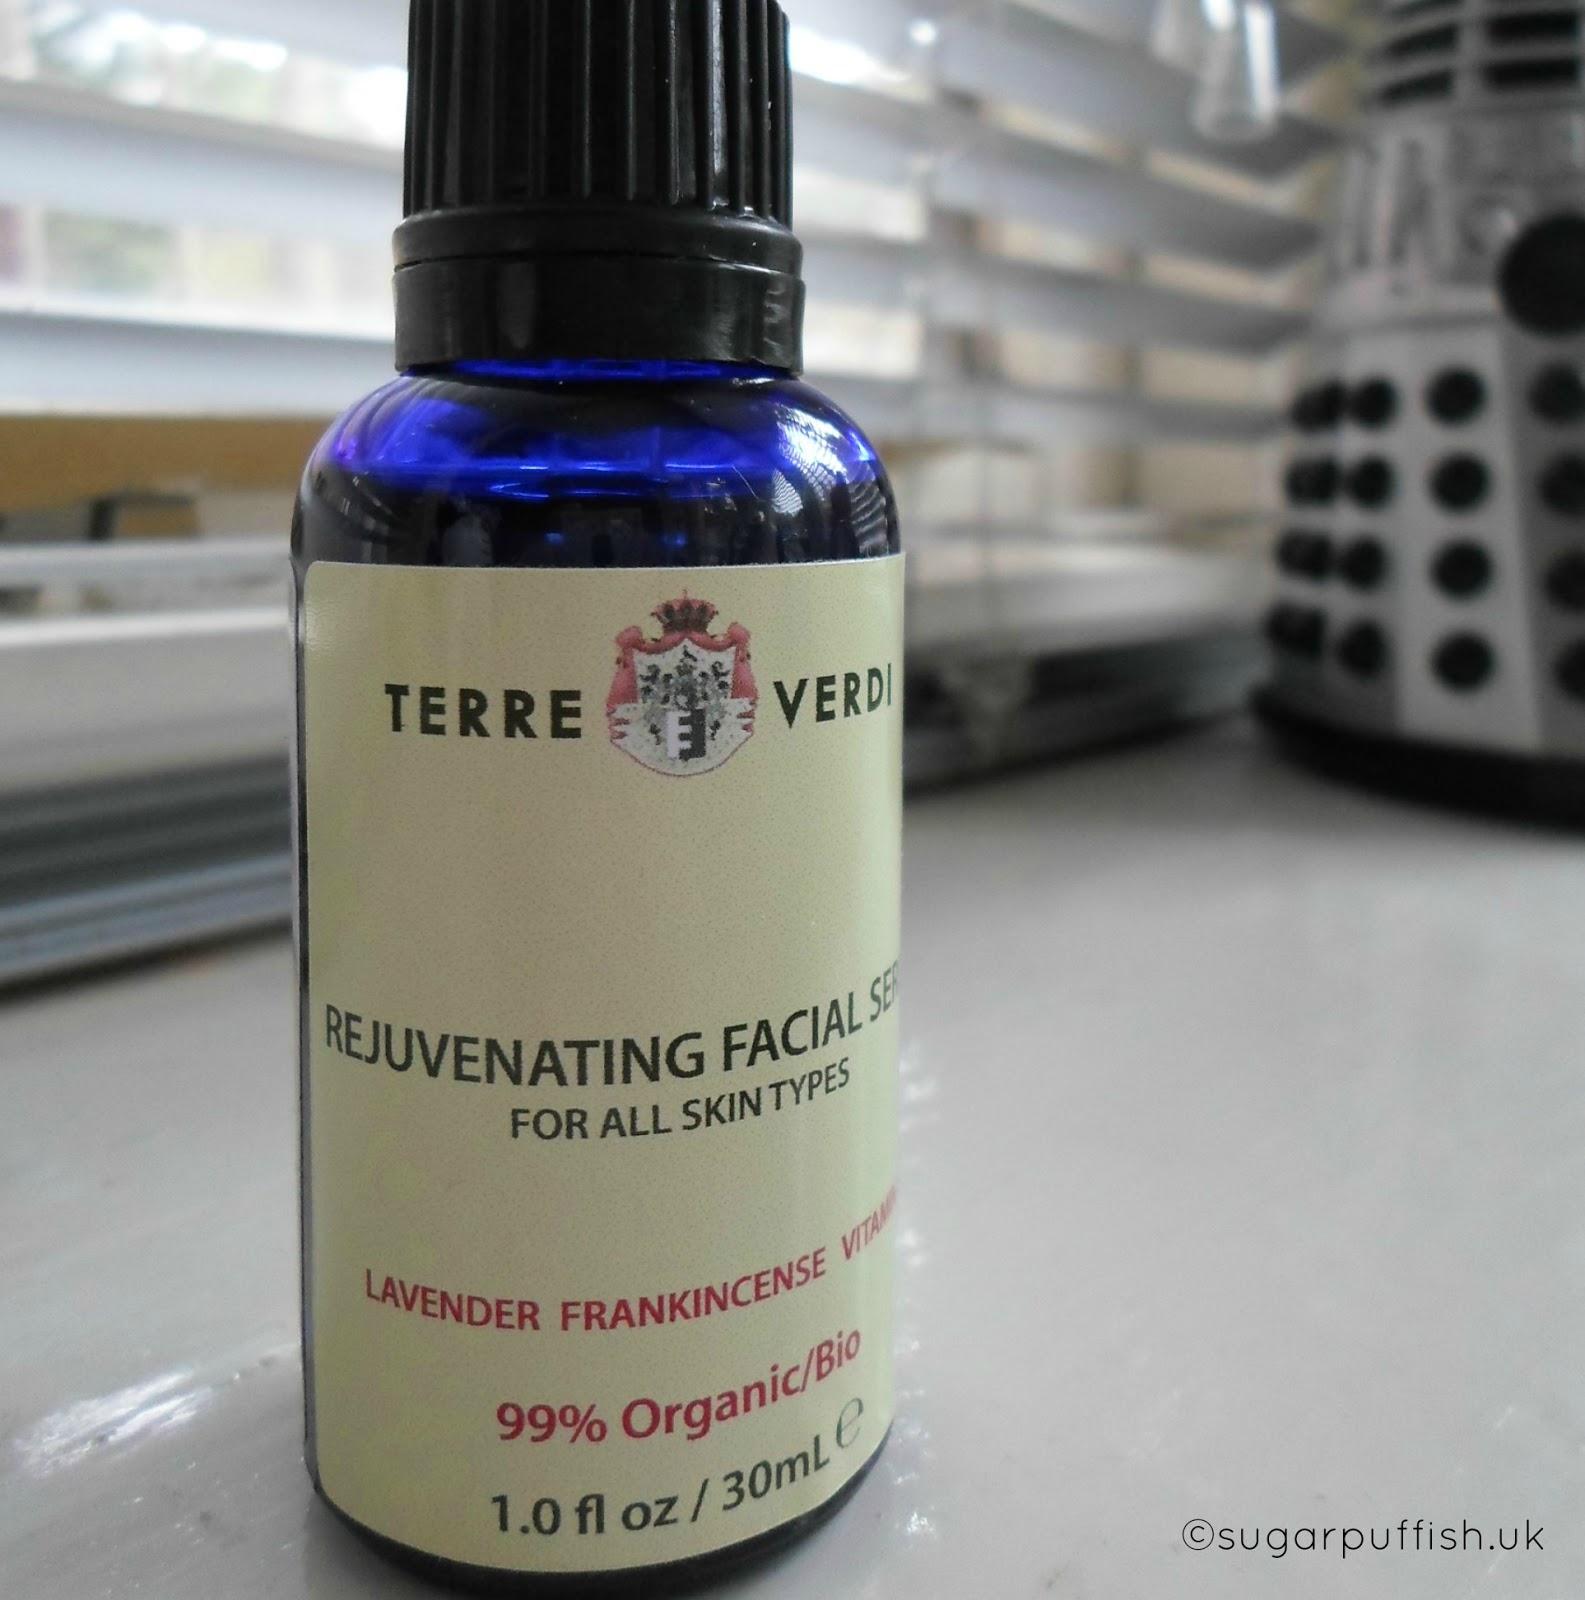 Terre Verdi Rejuvenating Facial Serum